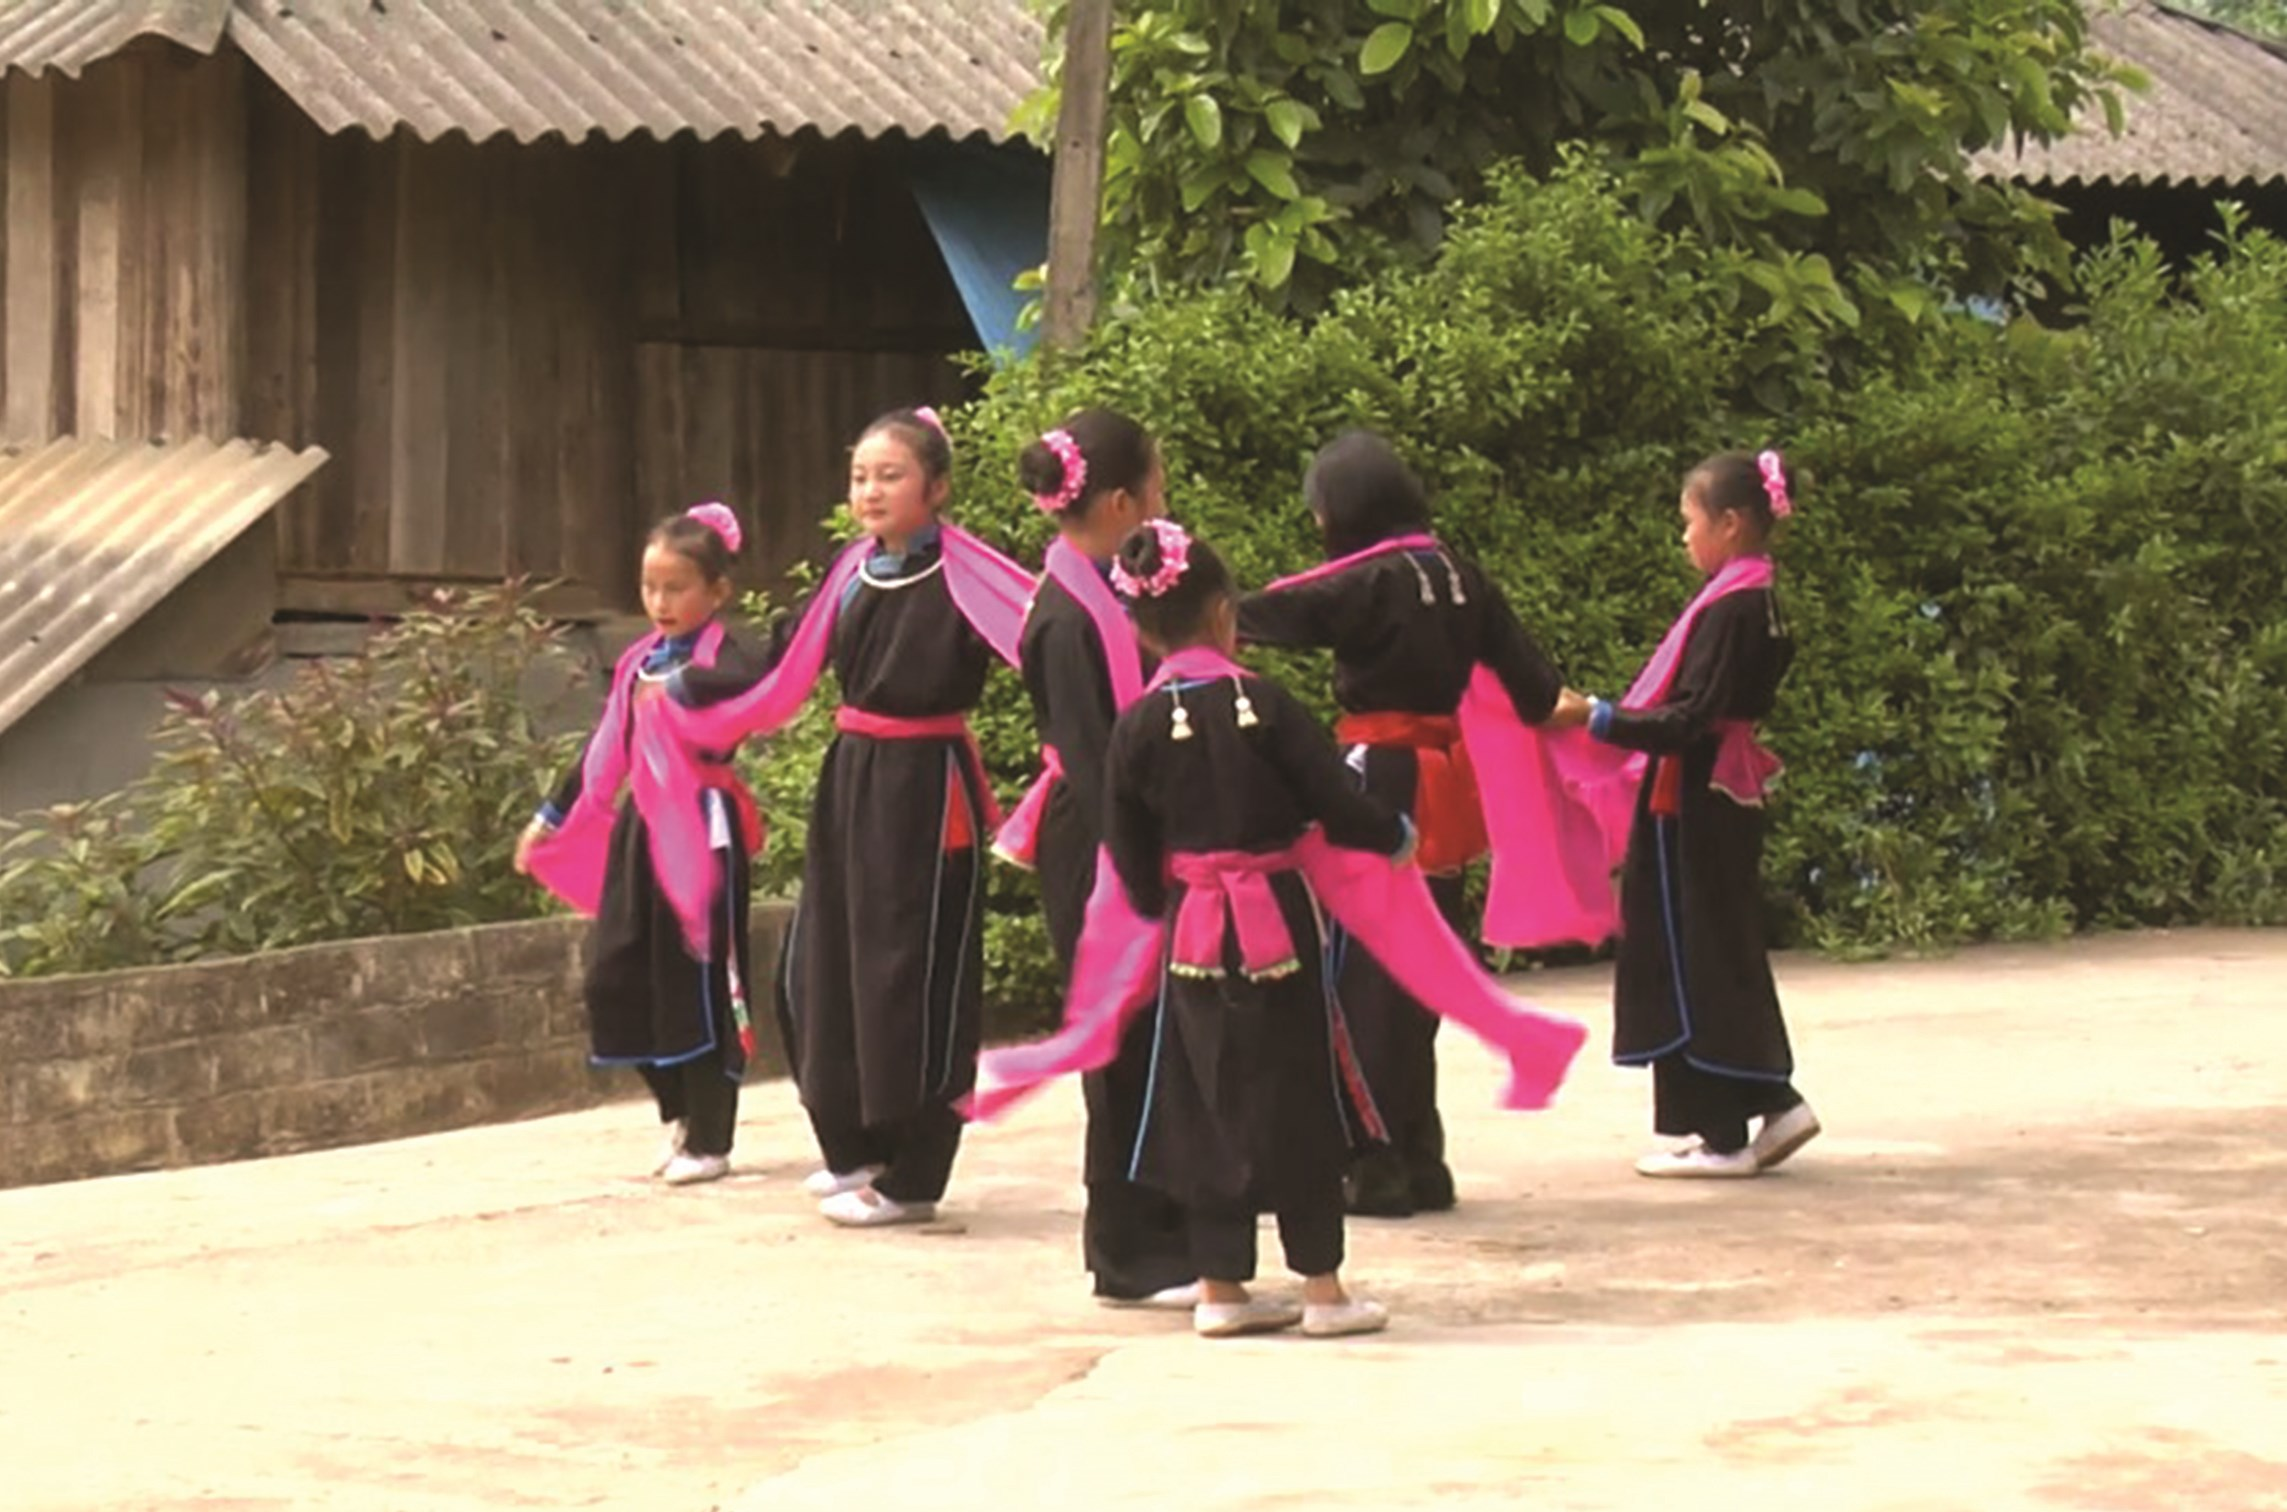 Các lớp học xòe cho các em học sinh vẫn thường xuyên được mở là cách gìn giữ và phát triển nét văn hóa độc đáo trên mảnh đất Tà Chải